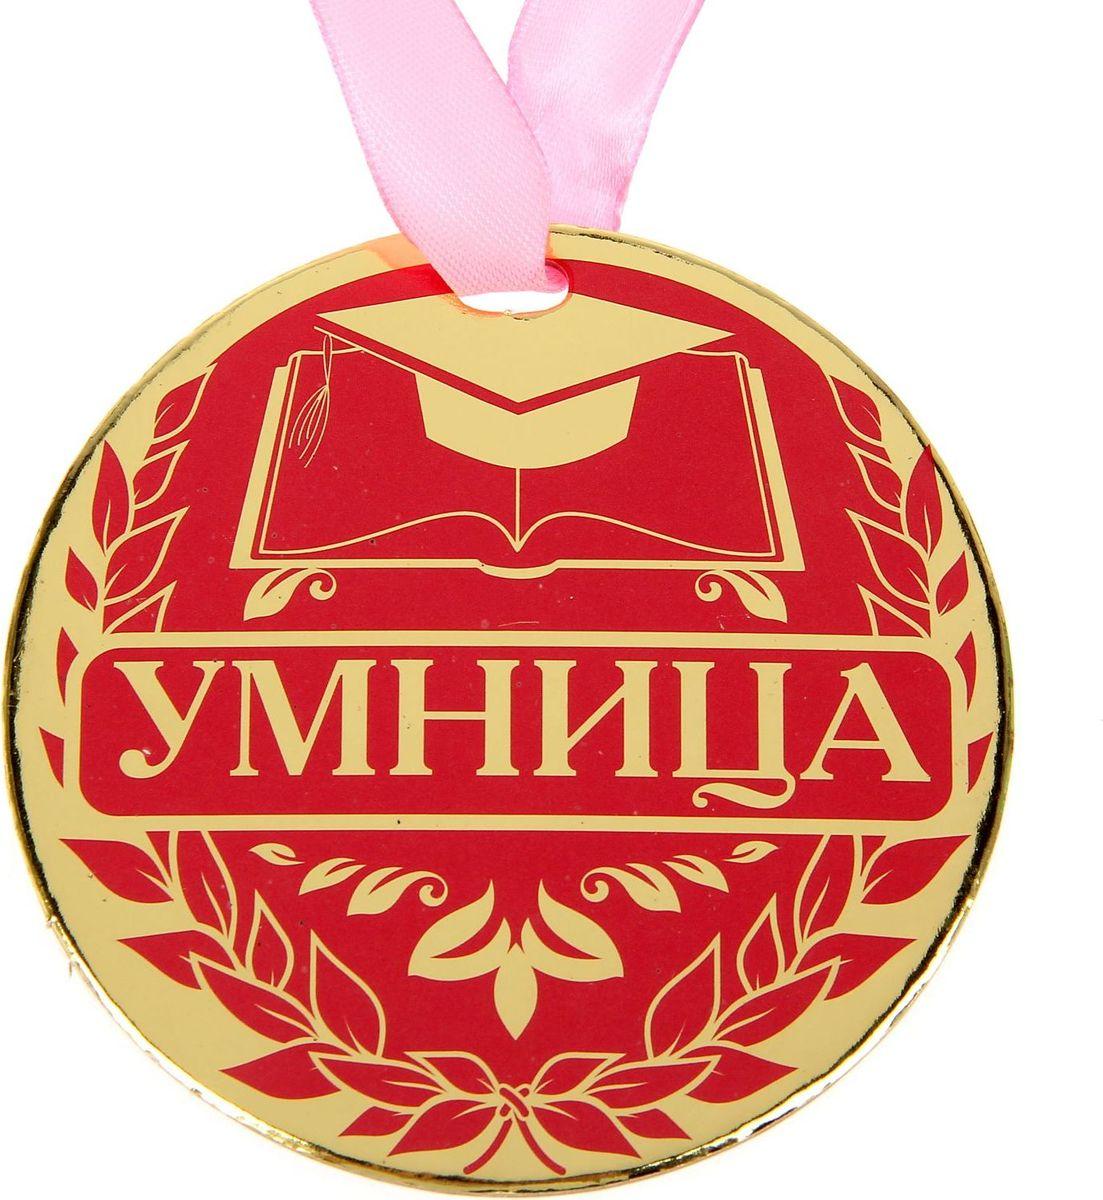 Медаль сувенирная Умница, диаметр 9 см1500744Медаль — один из самых популярных видов наград! Обрадуйте близких признанием их заслуг. Получателя приятно удивит яркий дизайн изделия: изображение золотого цвета, поздравительное стихотворение на обороте и лента, которая входит в набор.